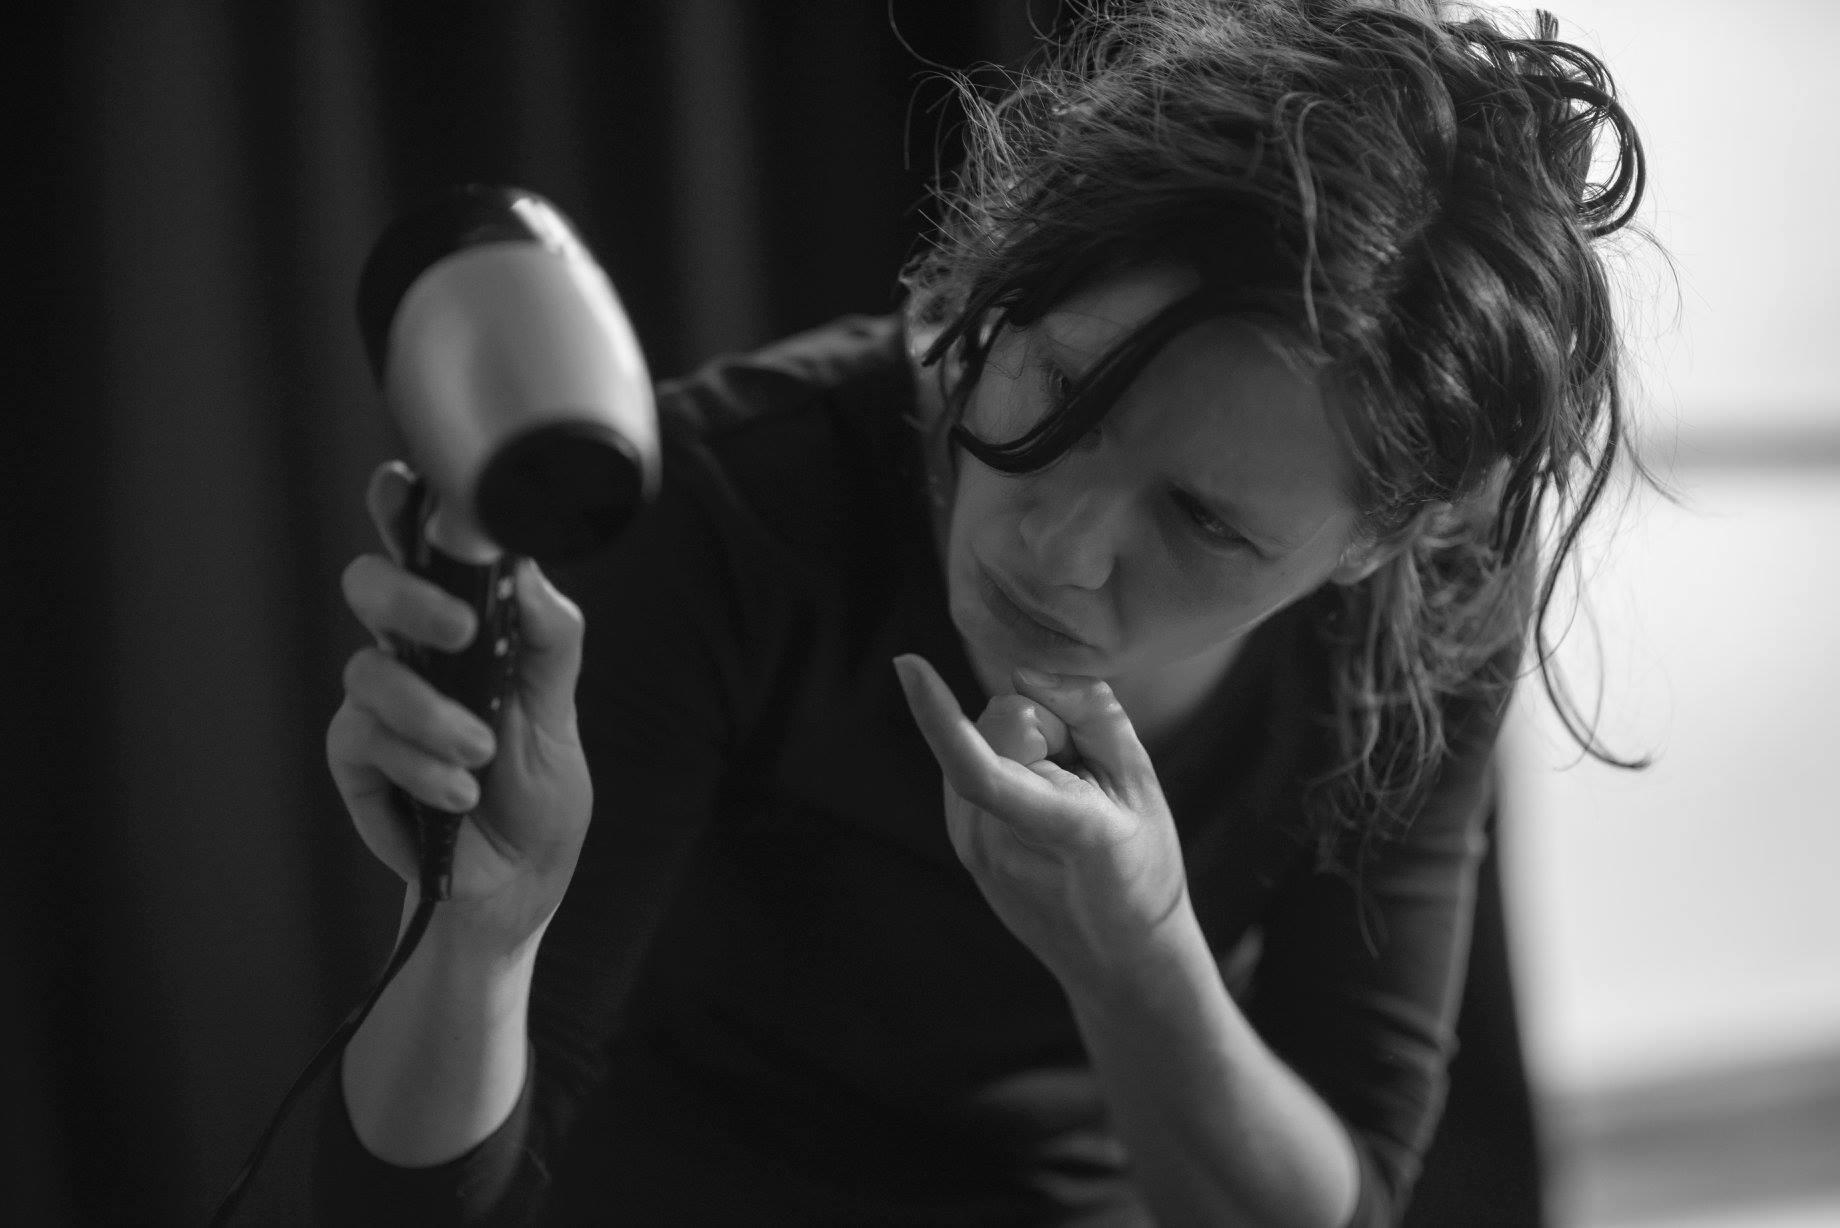 Workshop pro ''En corps à corps avec les objets''